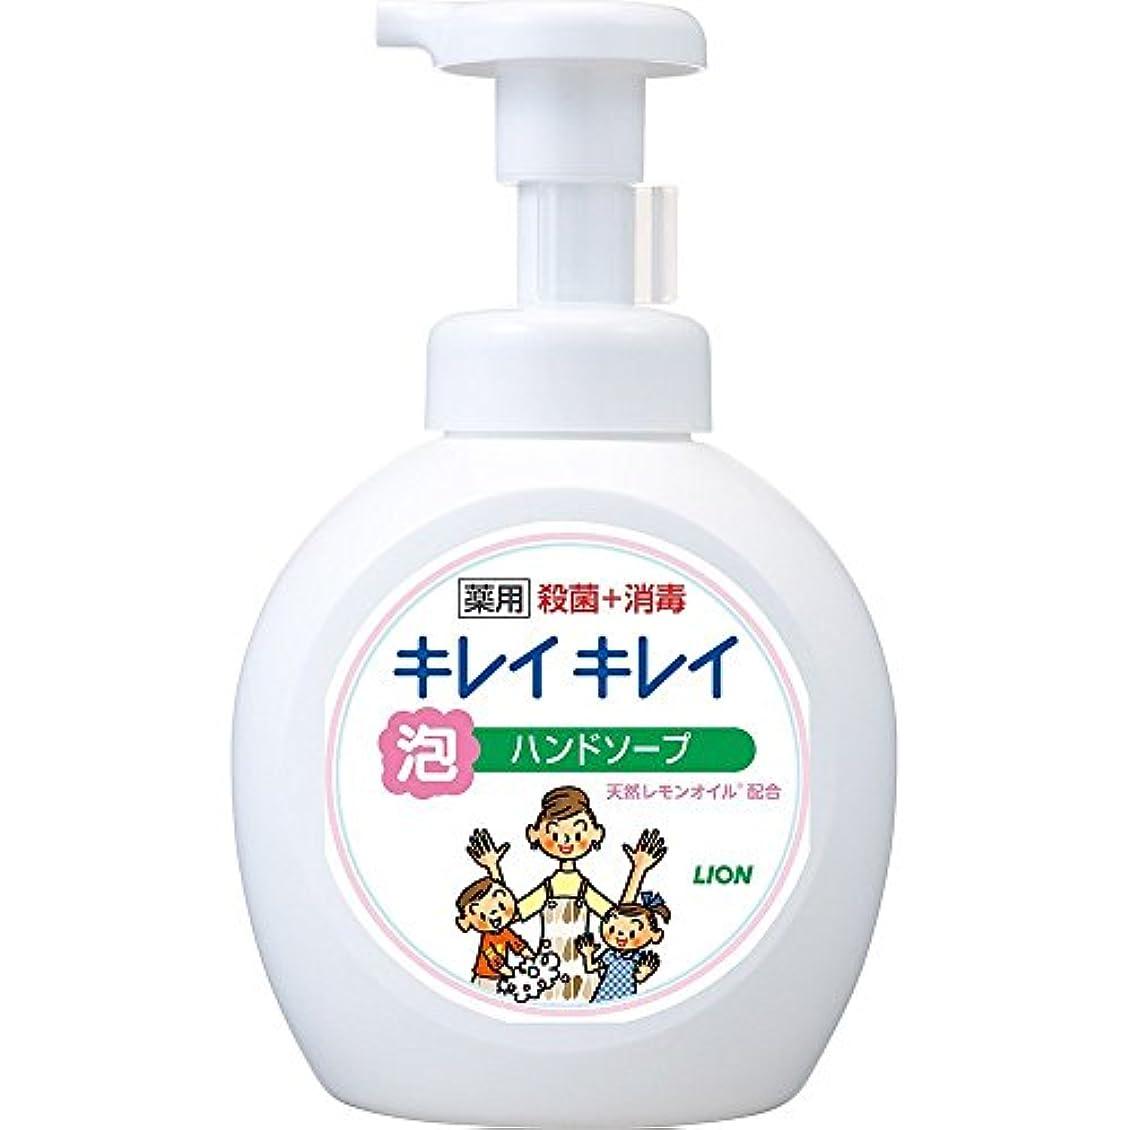 受信機サルベージ死にかけているキレイキレイ 薬用 泡ハンドソープ シトラスフルーティの香り 本体ポンプ 大型サイズ 500ml(医薬部外品)